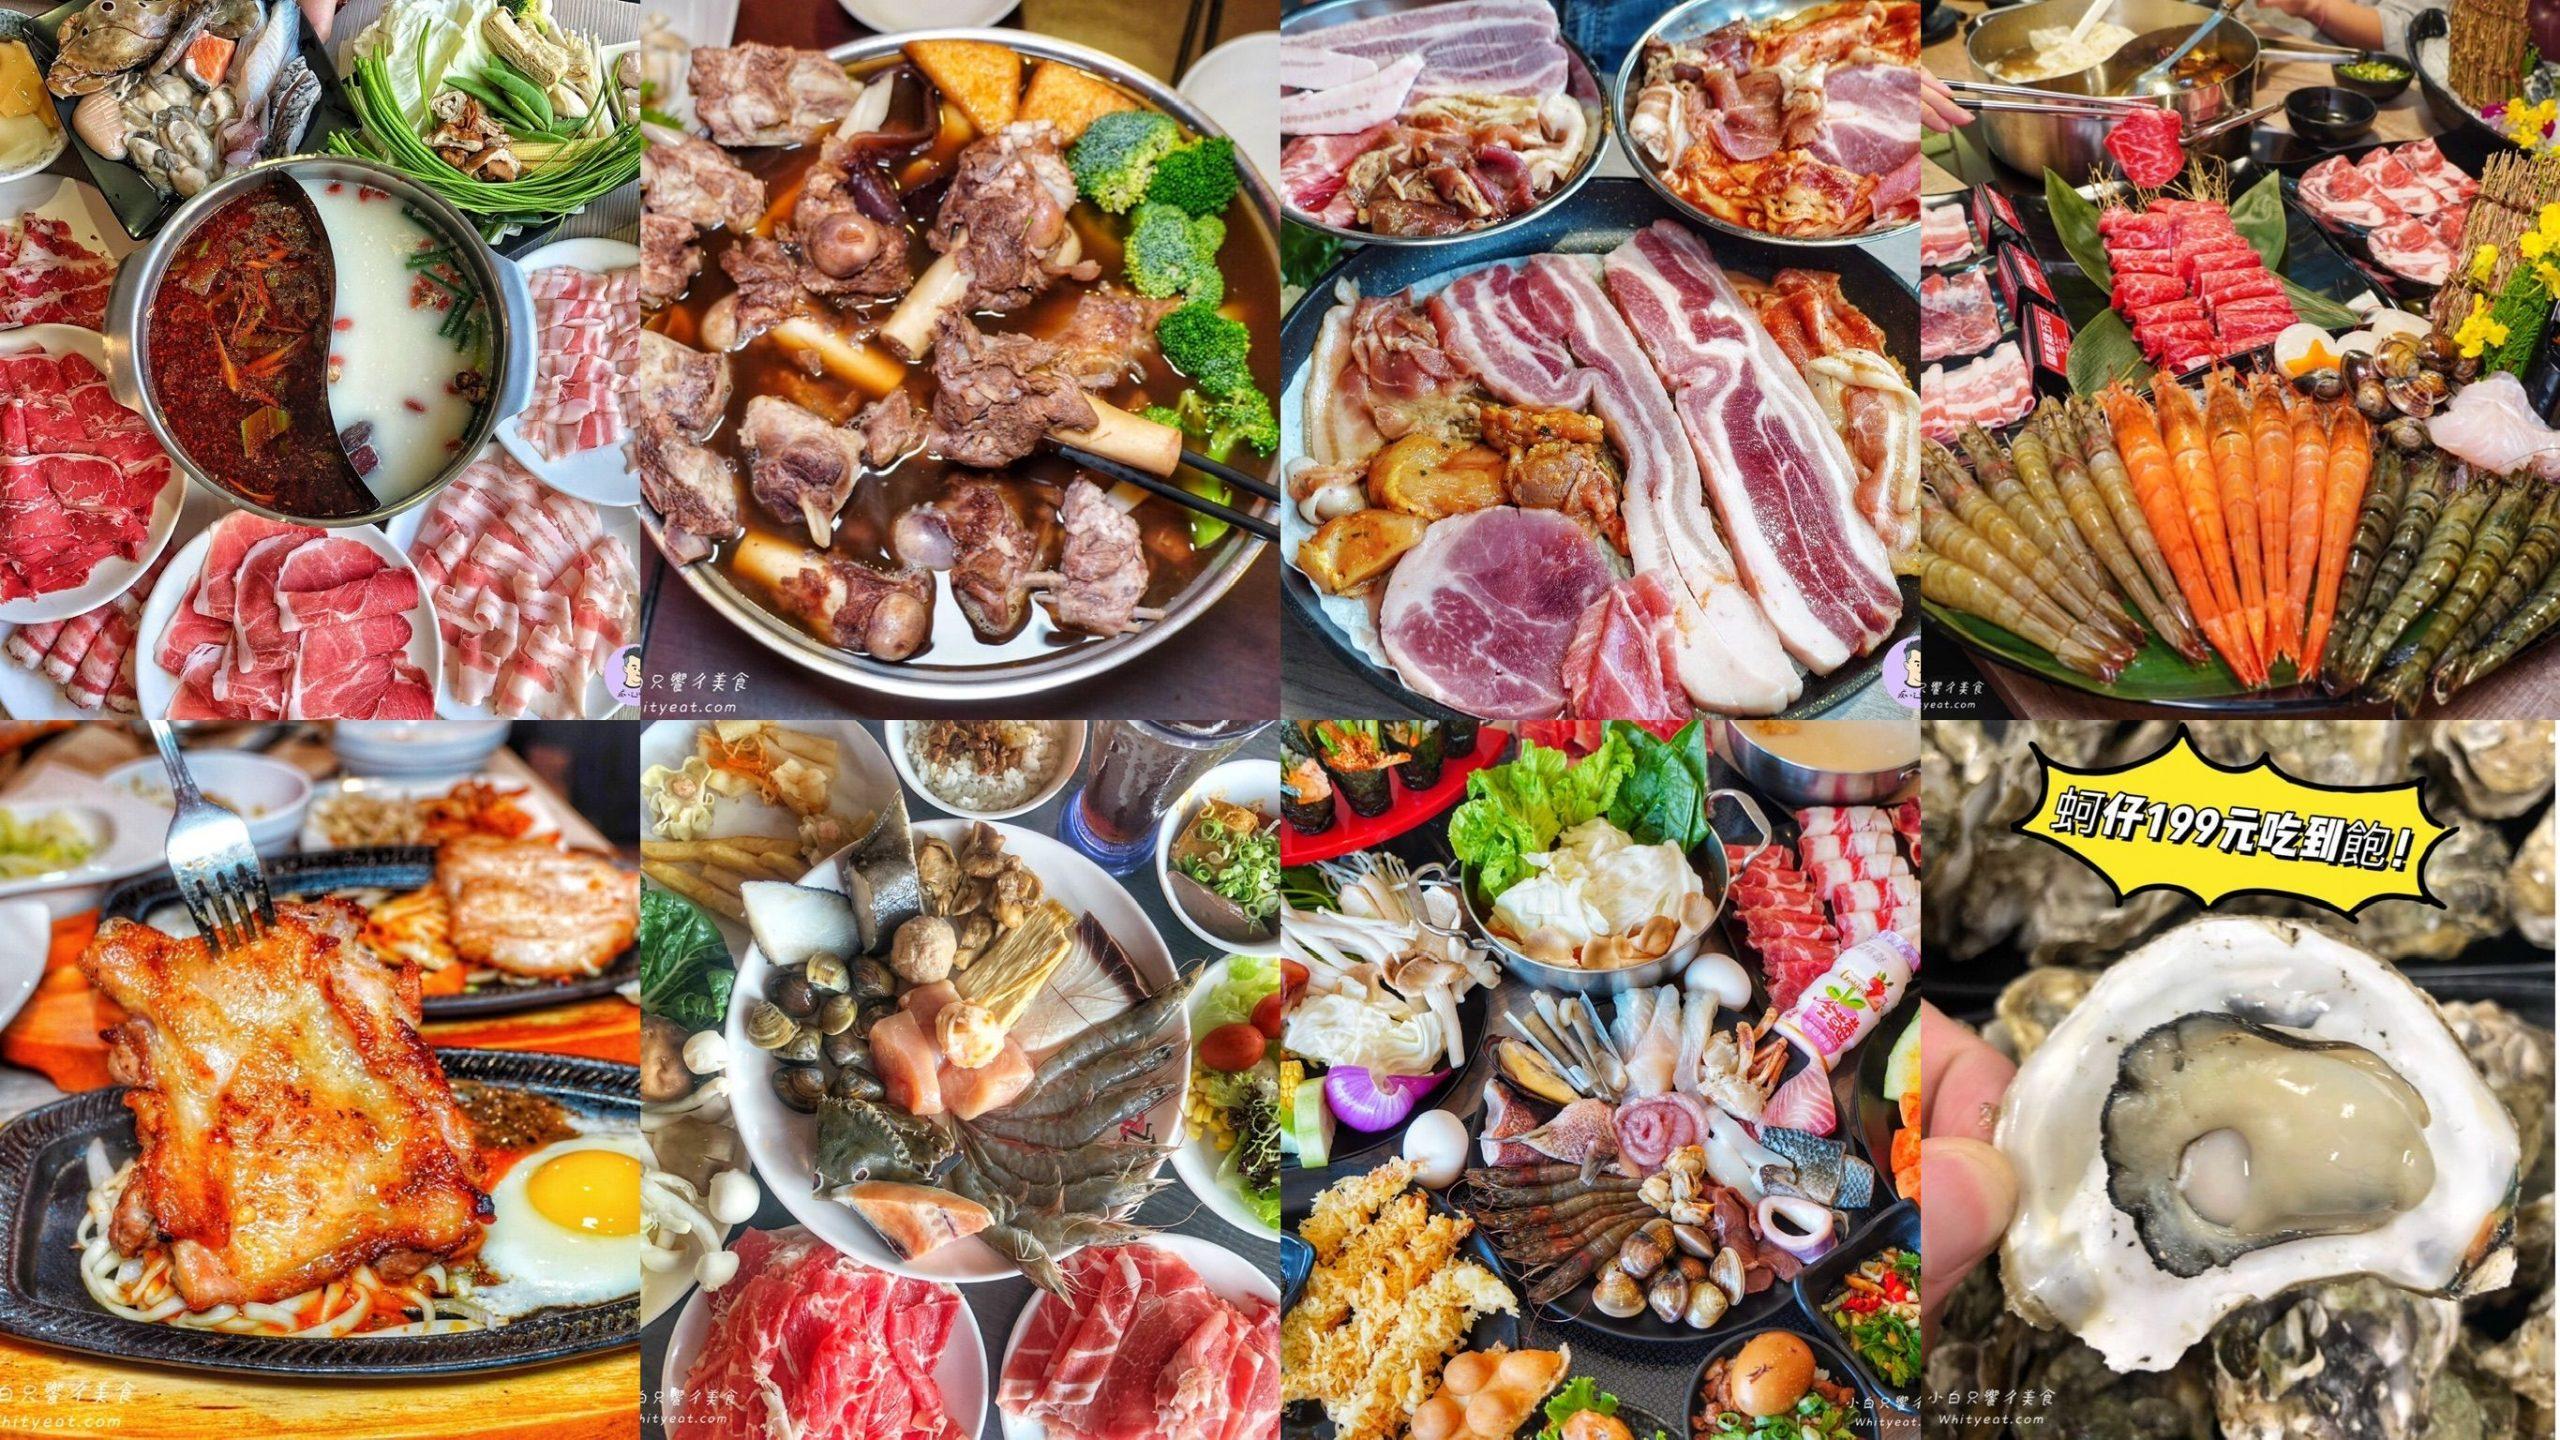 【台南美食】2021台南吃到飽懶人包 燒肉/火鍋/排餐 台南聚餐好選擇 (持續更新中)